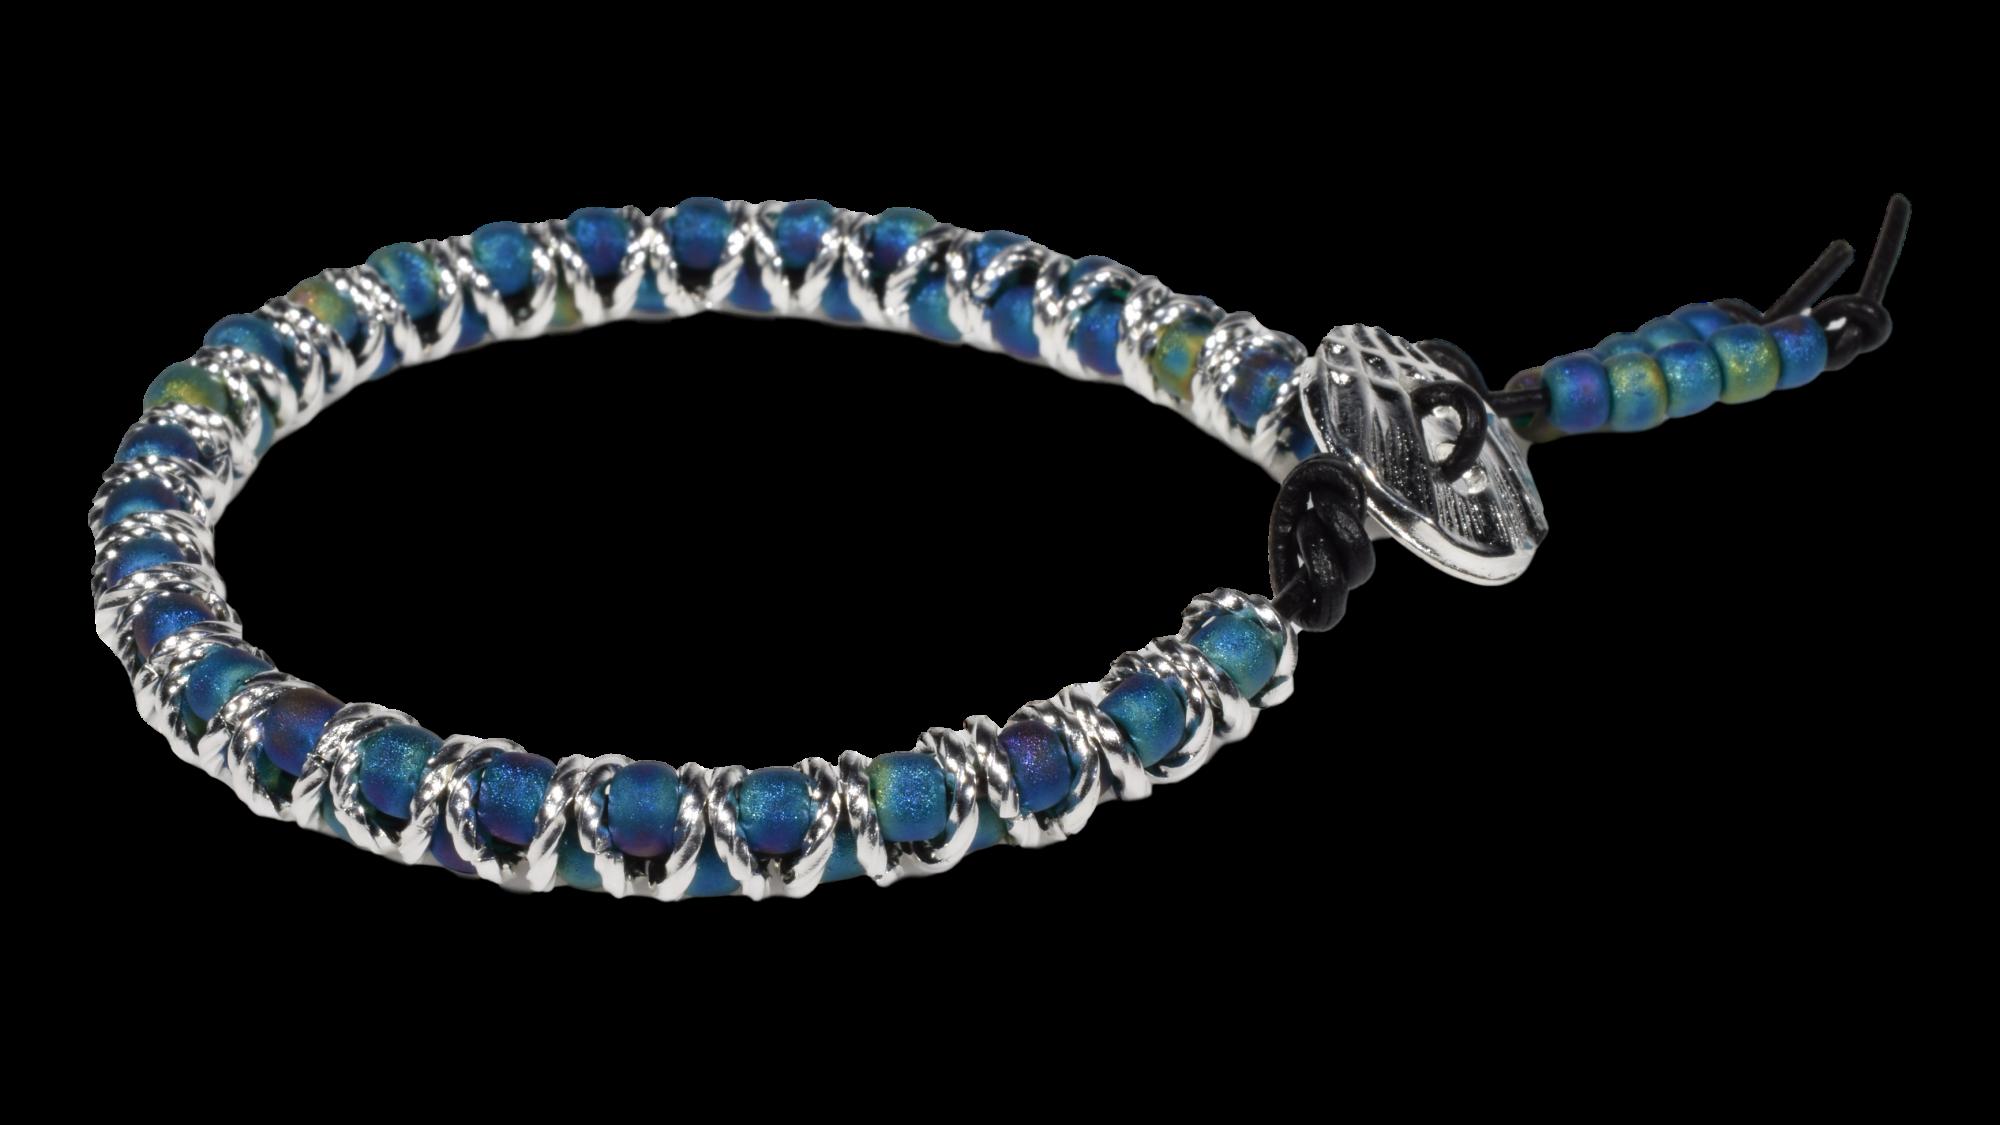 Zig Zag Bracelet Kit with small beads